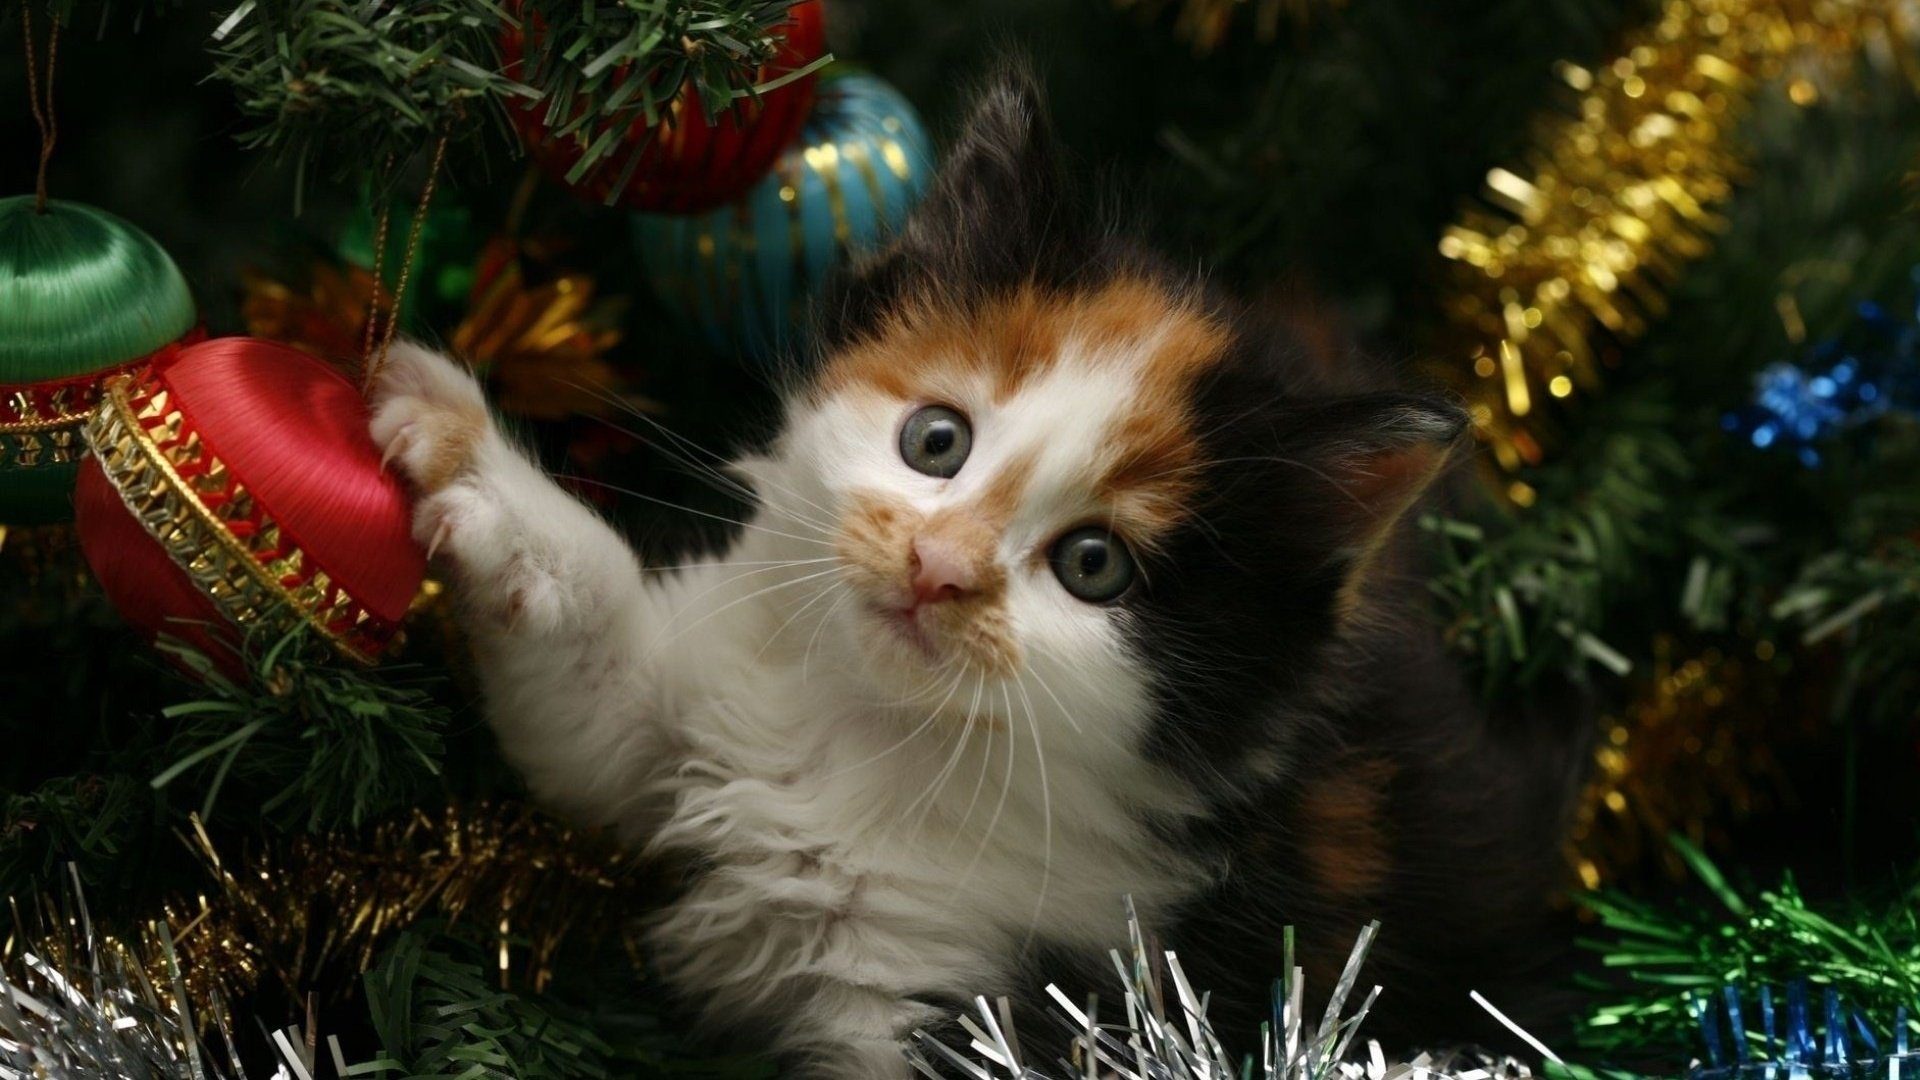 указал также с новым годом котенок картинки без